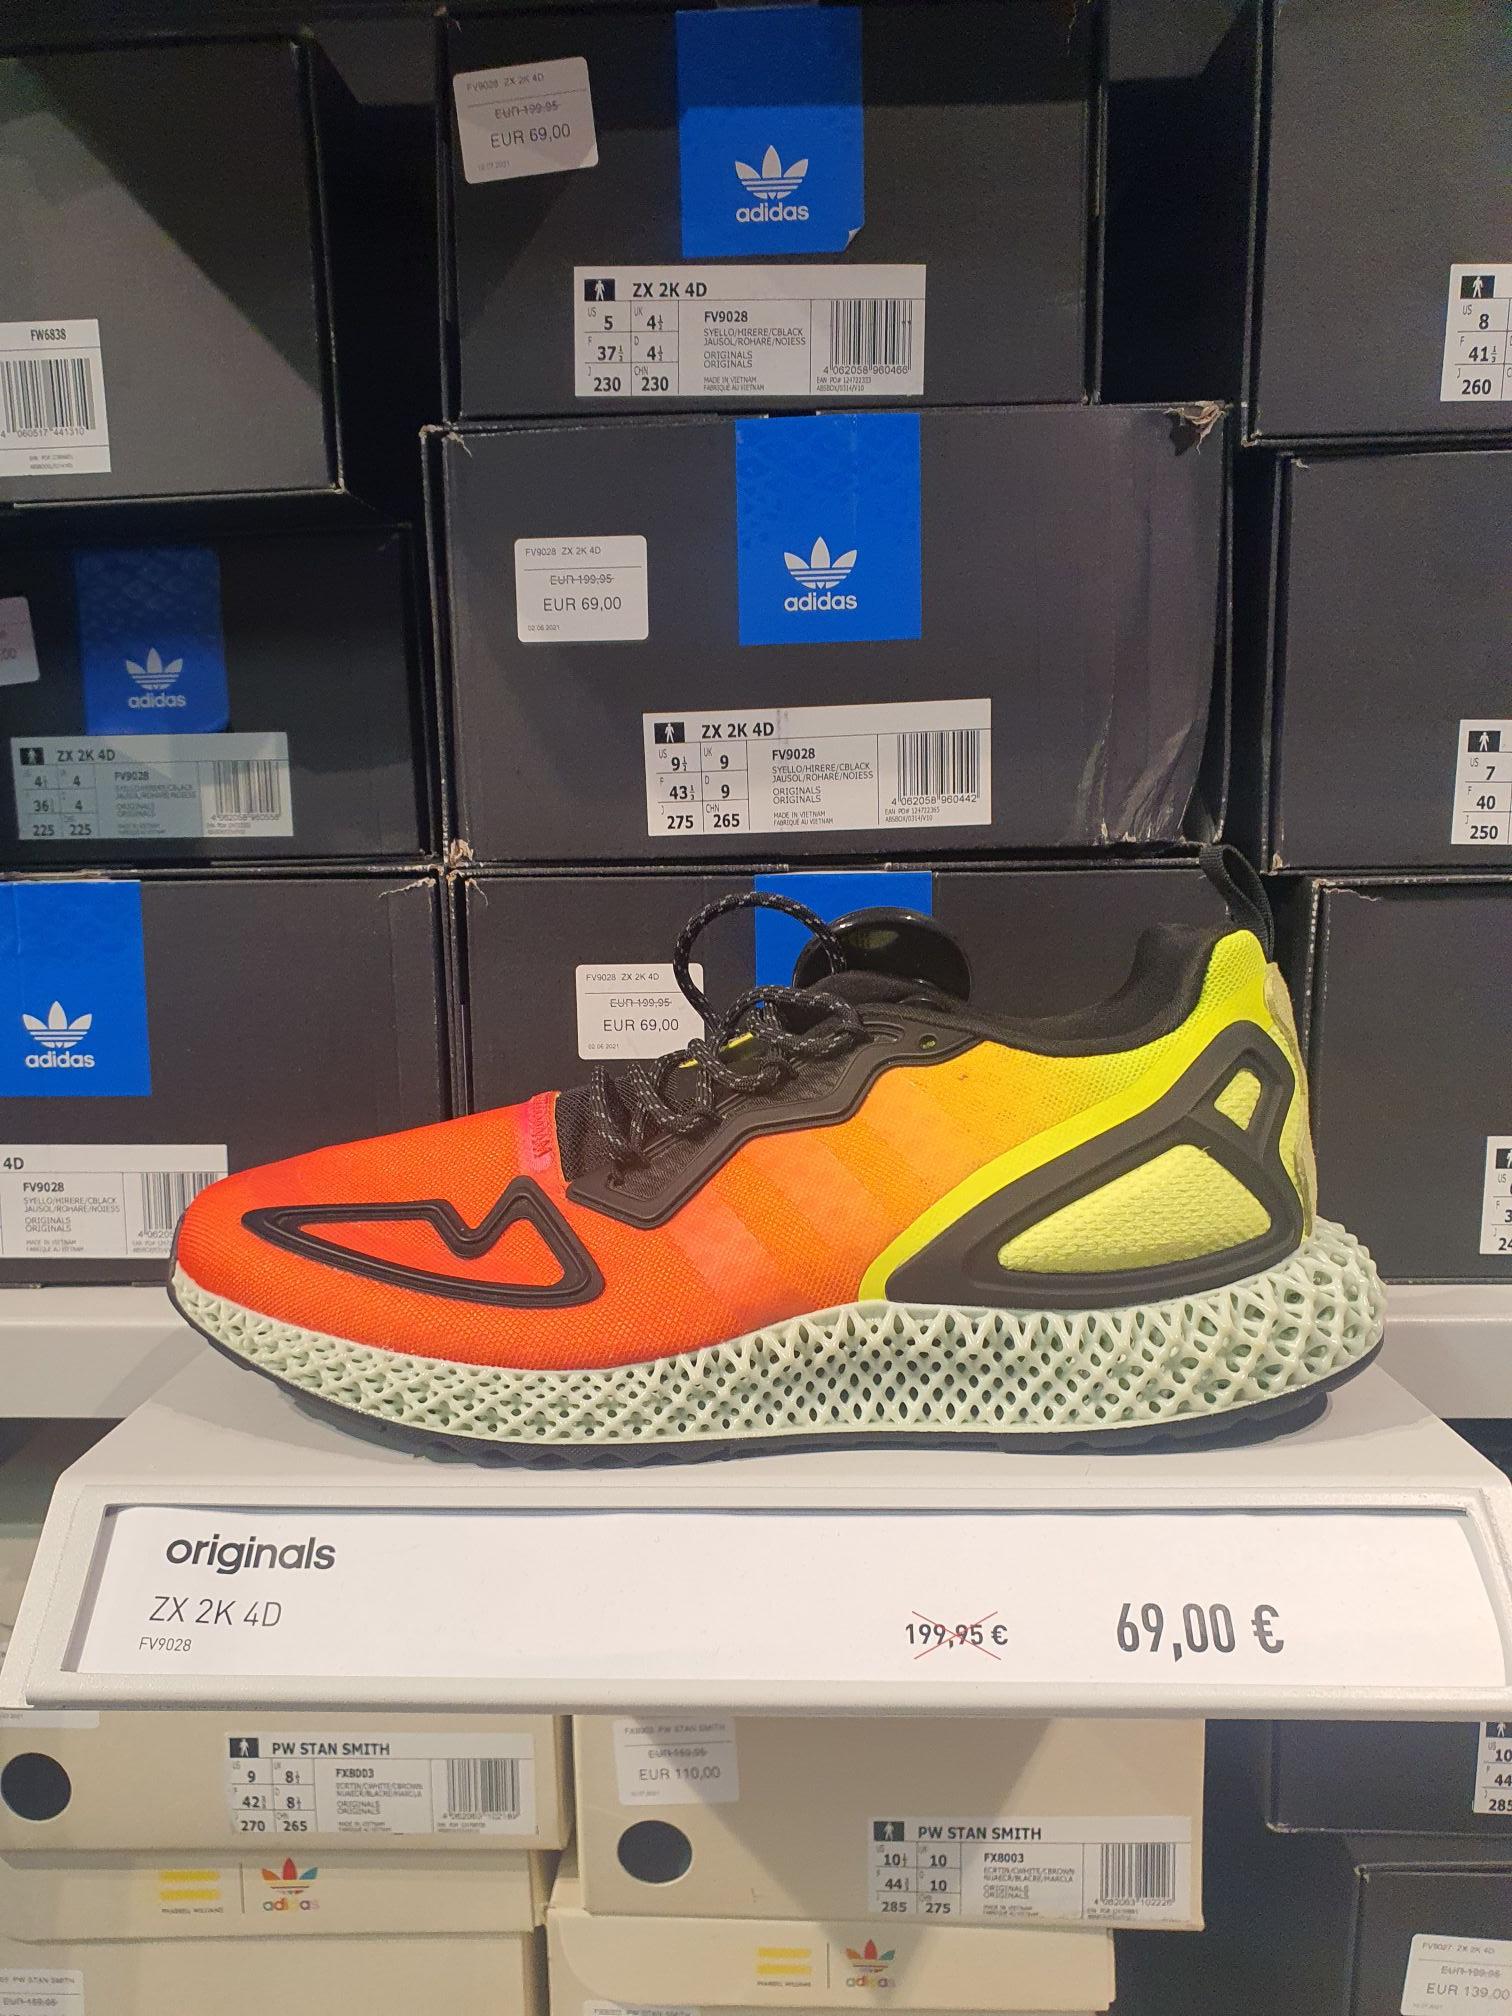 Zapatillas Adidas ZX 2K 4d - c c. las rozas outlet factory